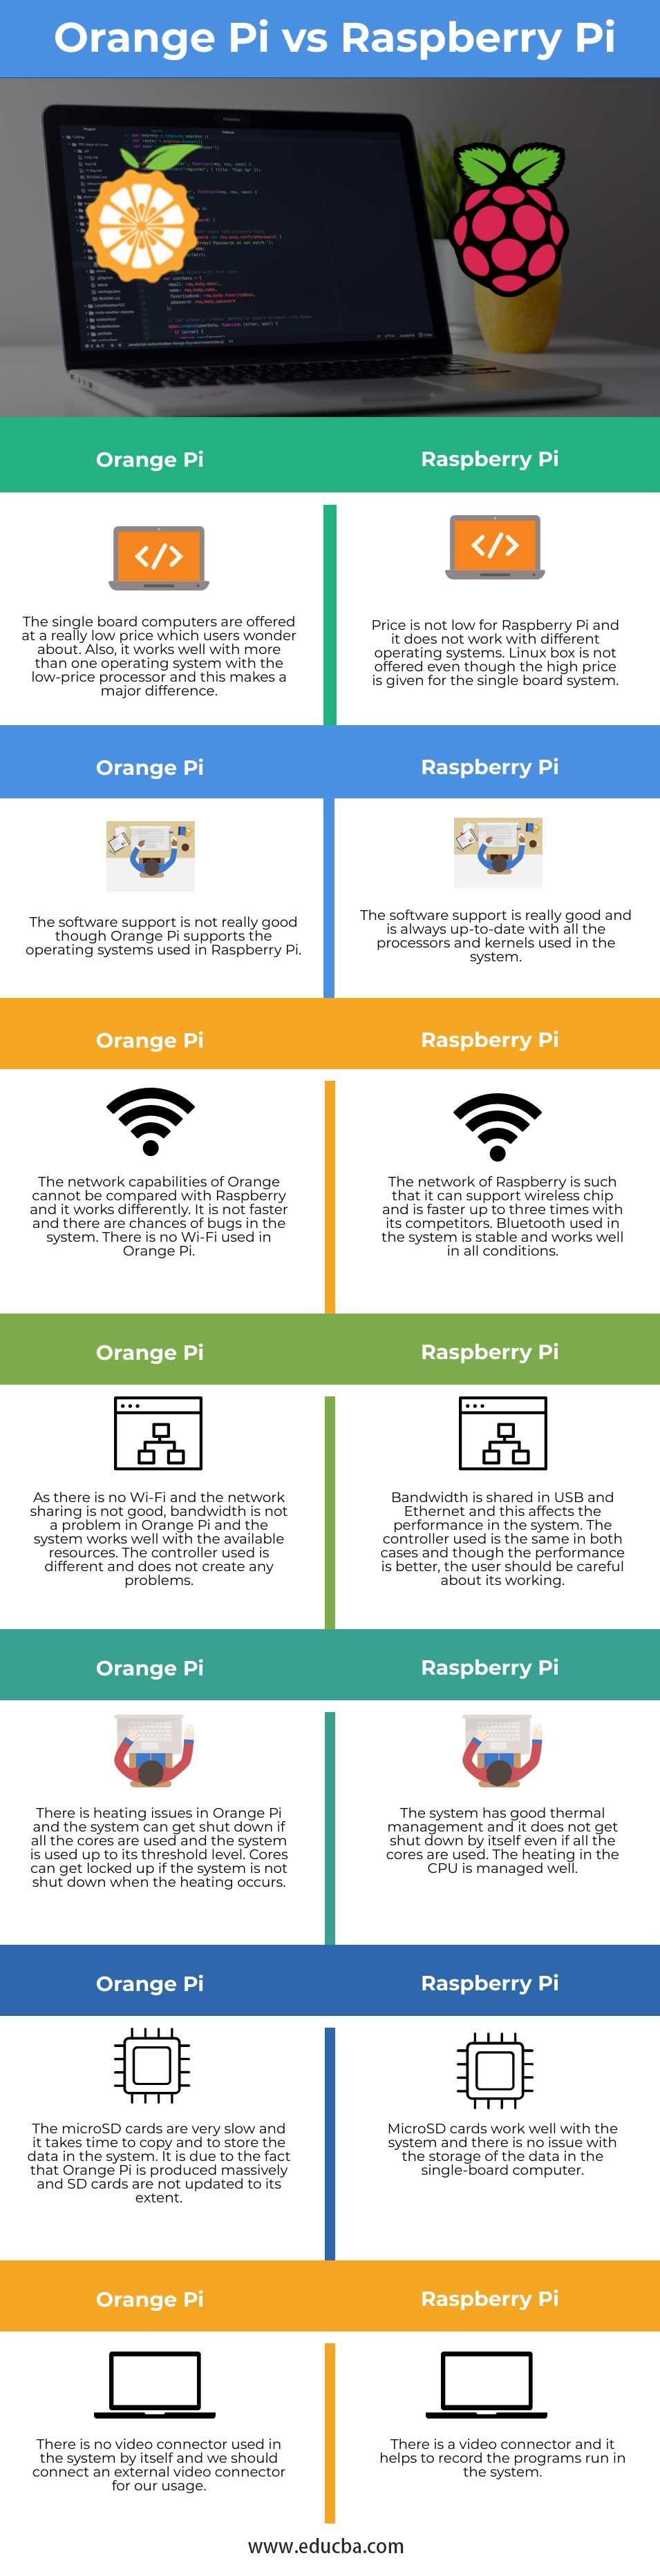 Orange-Pi-vs-Raspberry-Pi-info